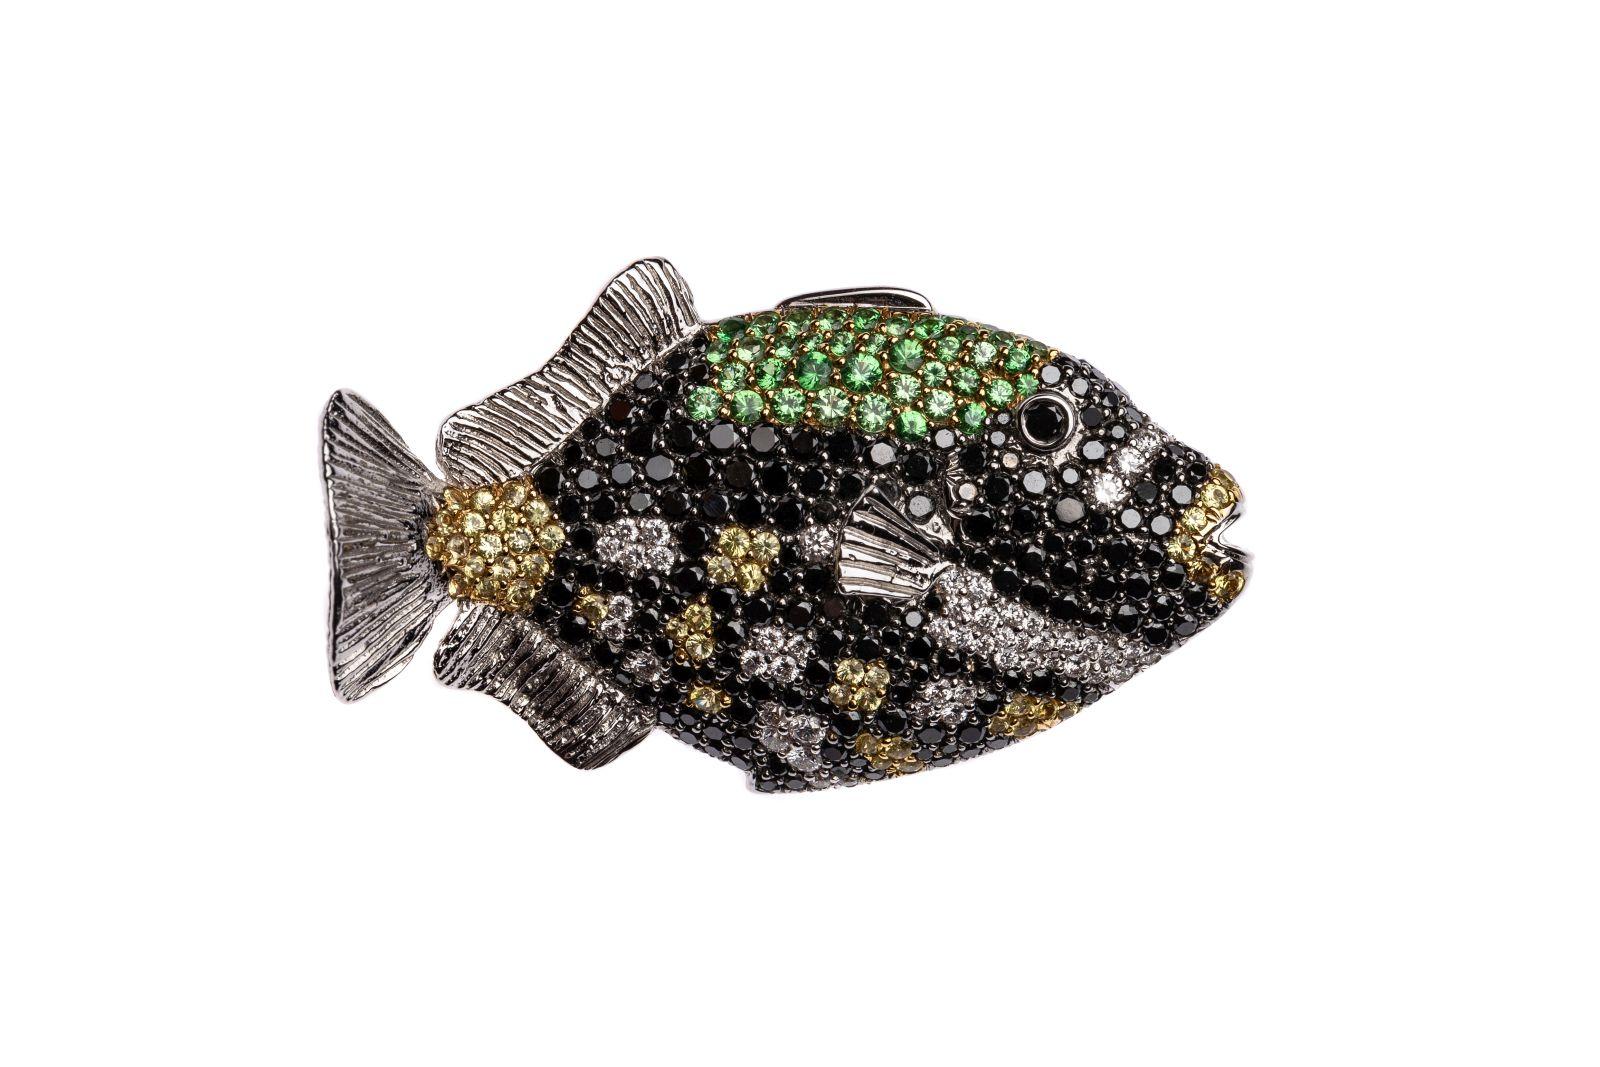 #66 Fish brooch | Fischbrosche Image